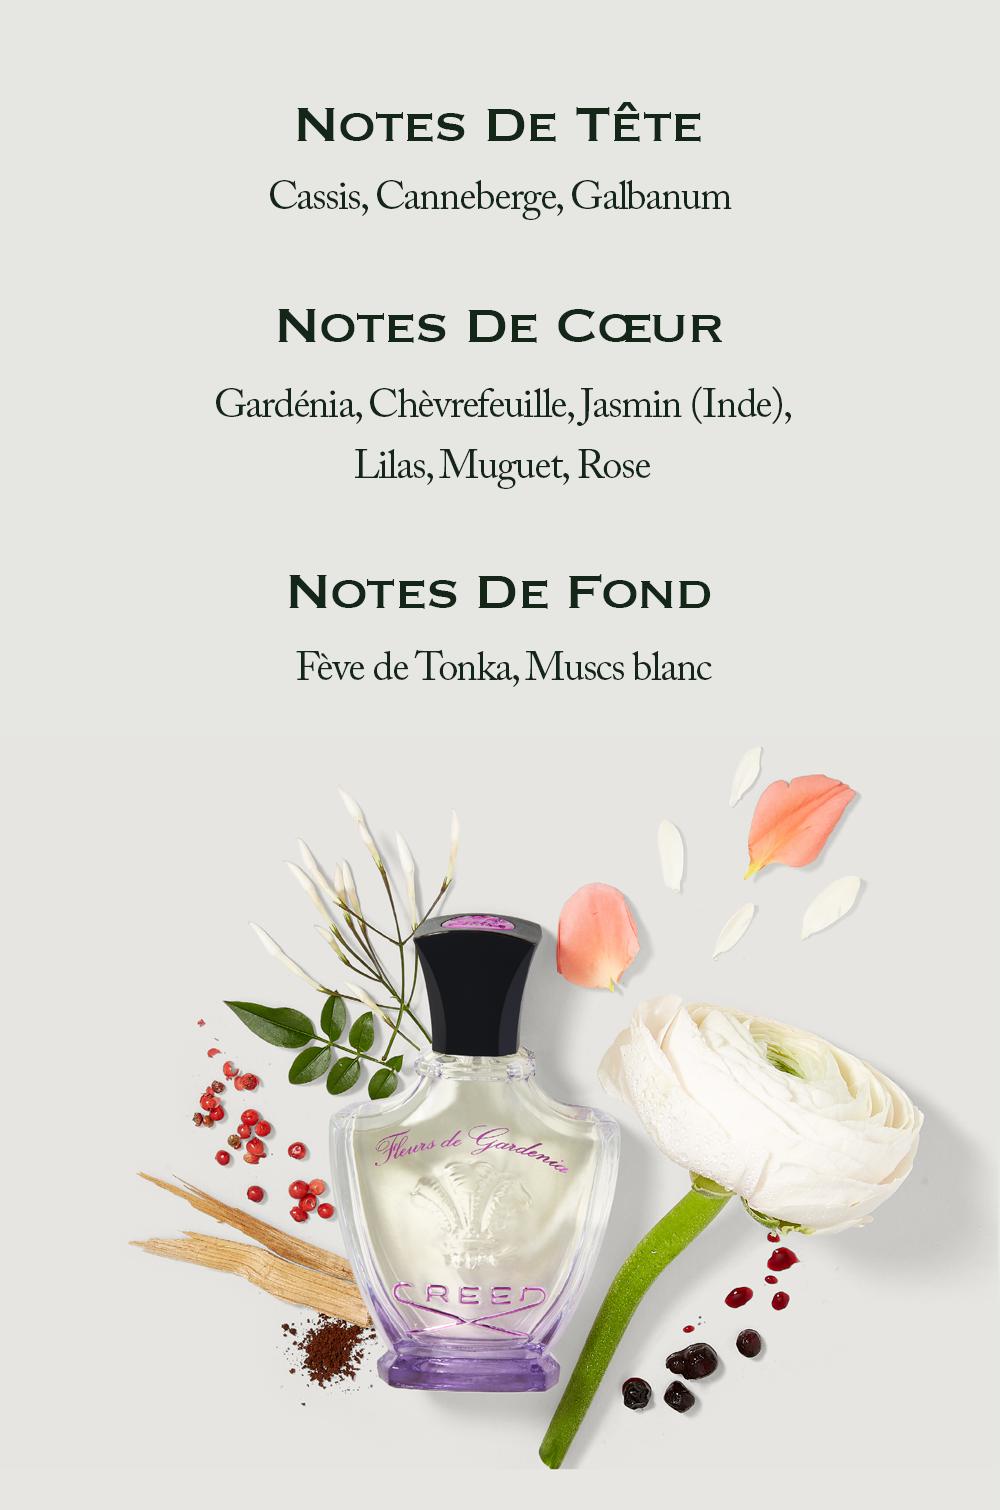 Fleurs-De-Gardenia